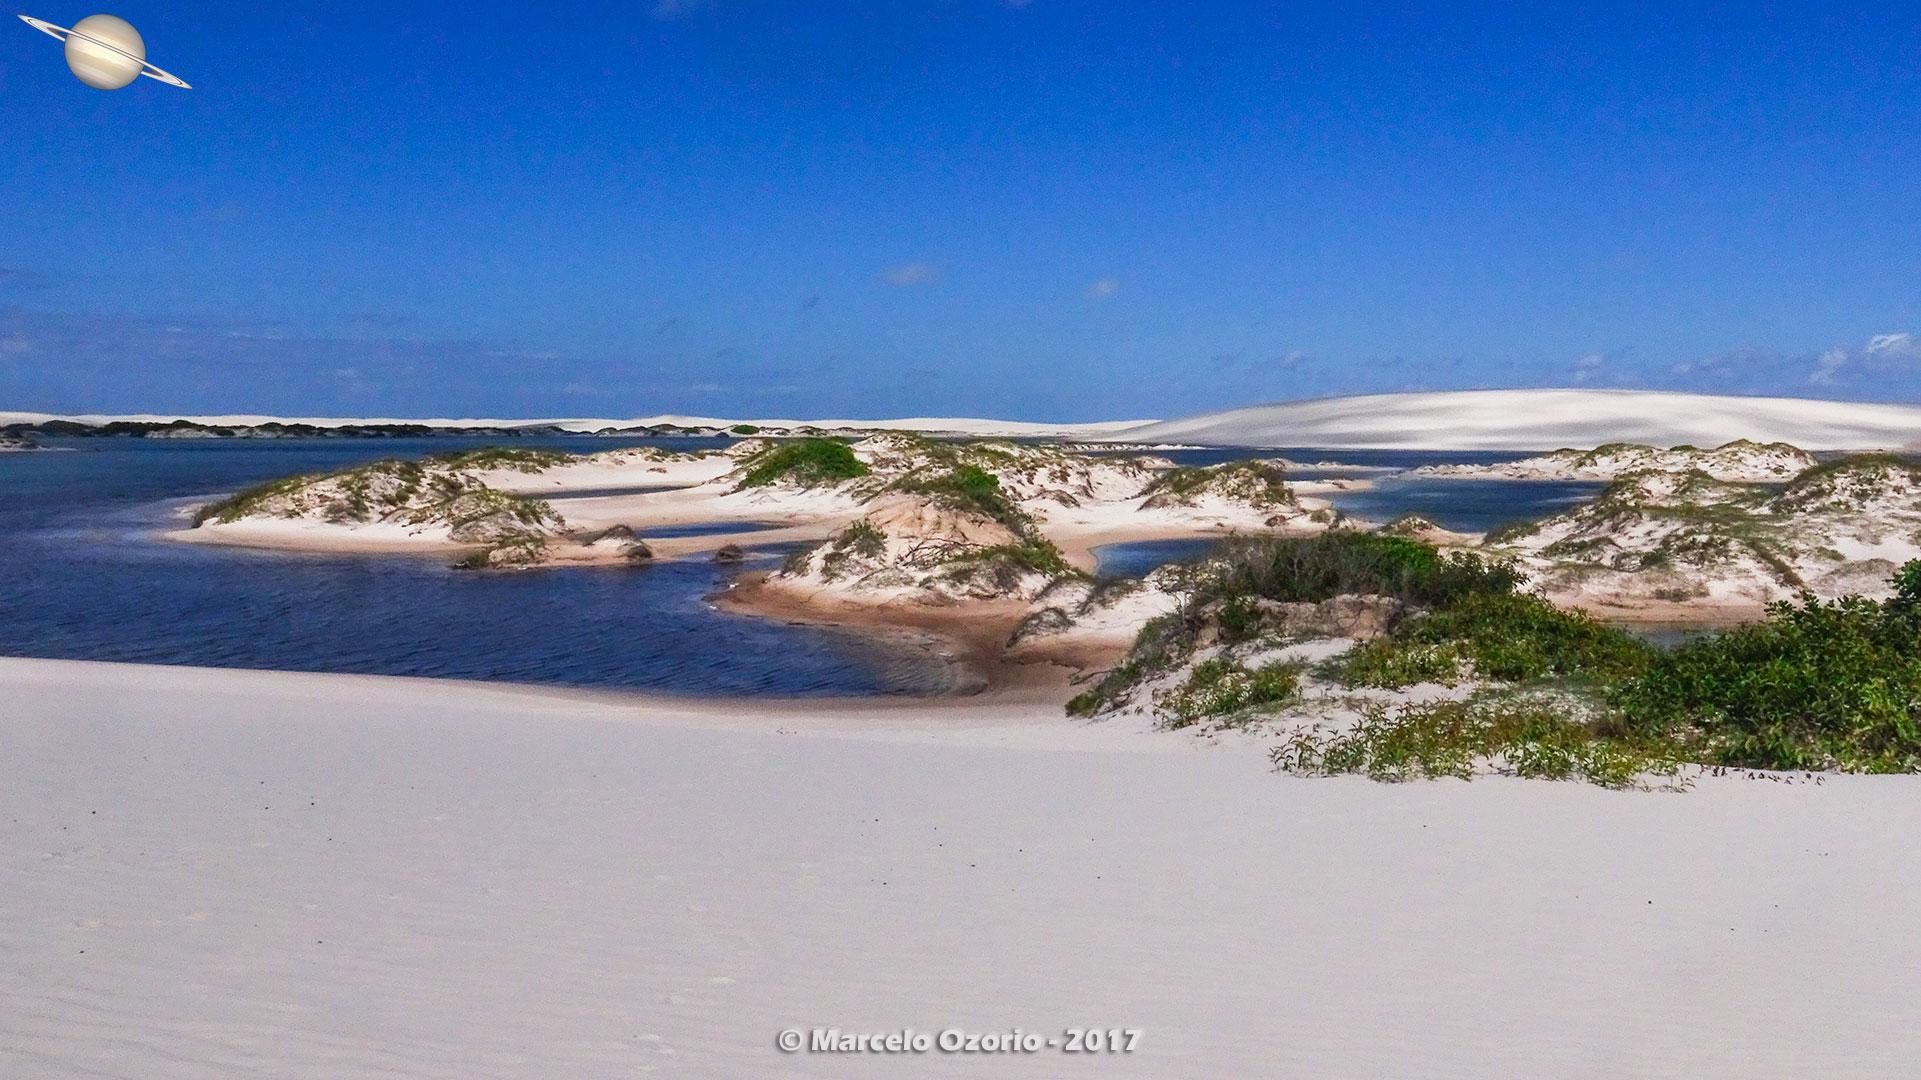 dia 3 explorando lencois maranhenses 44 - Explorando o Centro do Parque Nacional dos Lençóis Maranhenses - Brasil